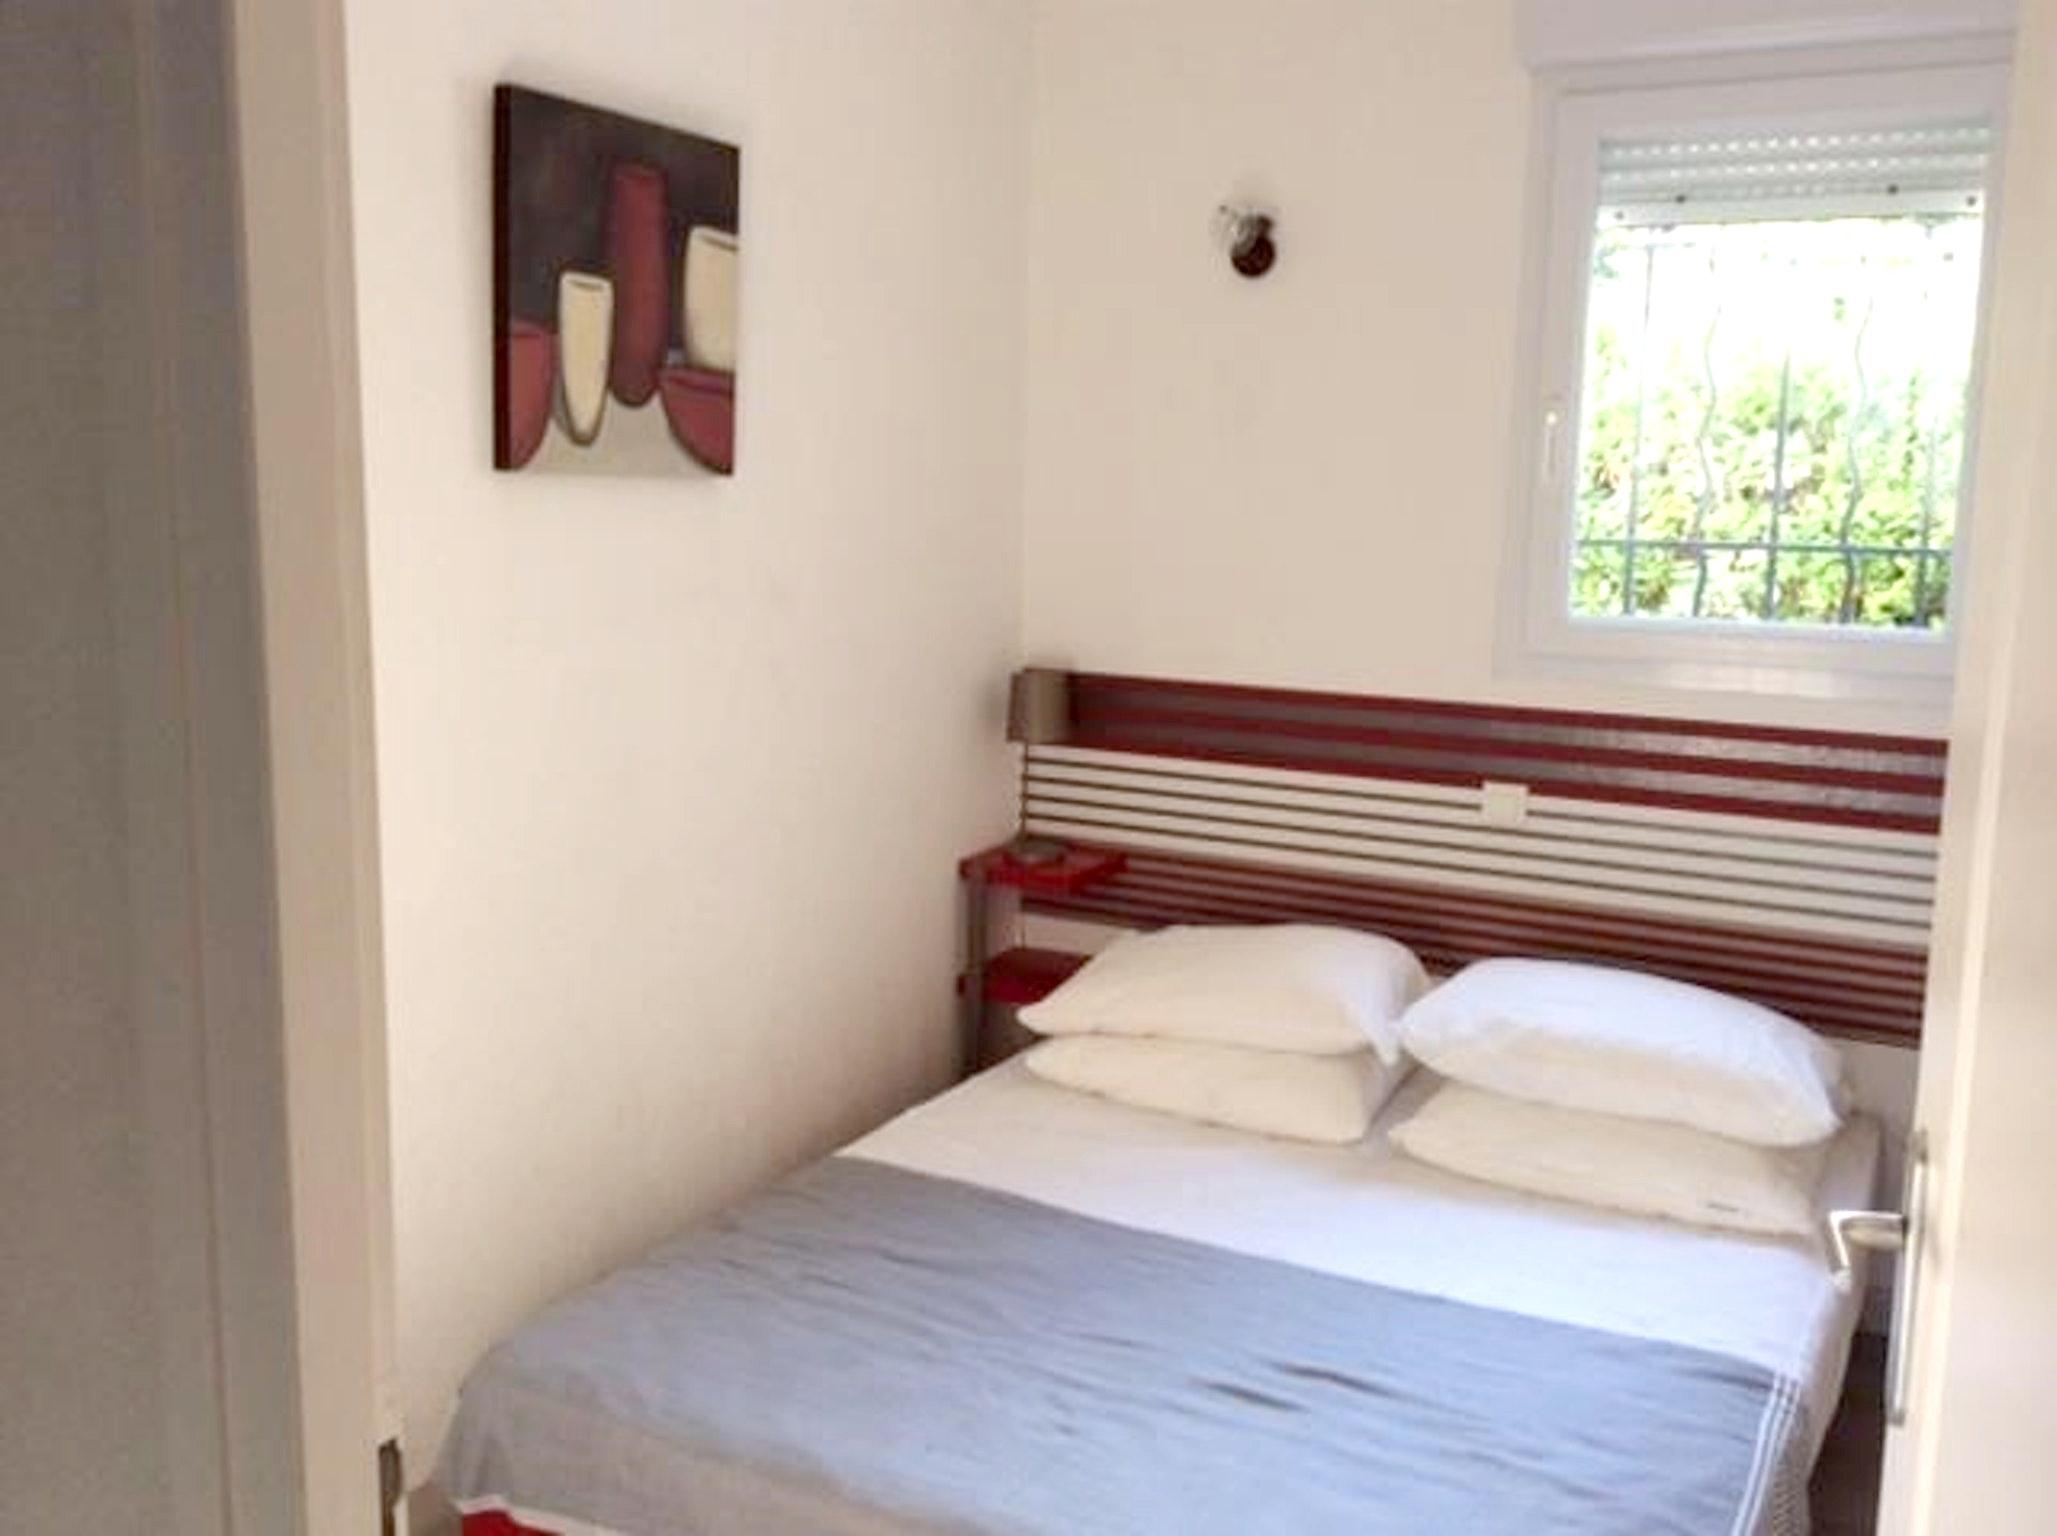 Ferienhaus Haus mit 3 Schlafzimmern in Lumio mit herrlichem Meerblick, eingezäuntem Garten und W-LAN  (2567720), Lumio, Nordkorsika, Korsika, Frankreich, Bild 8